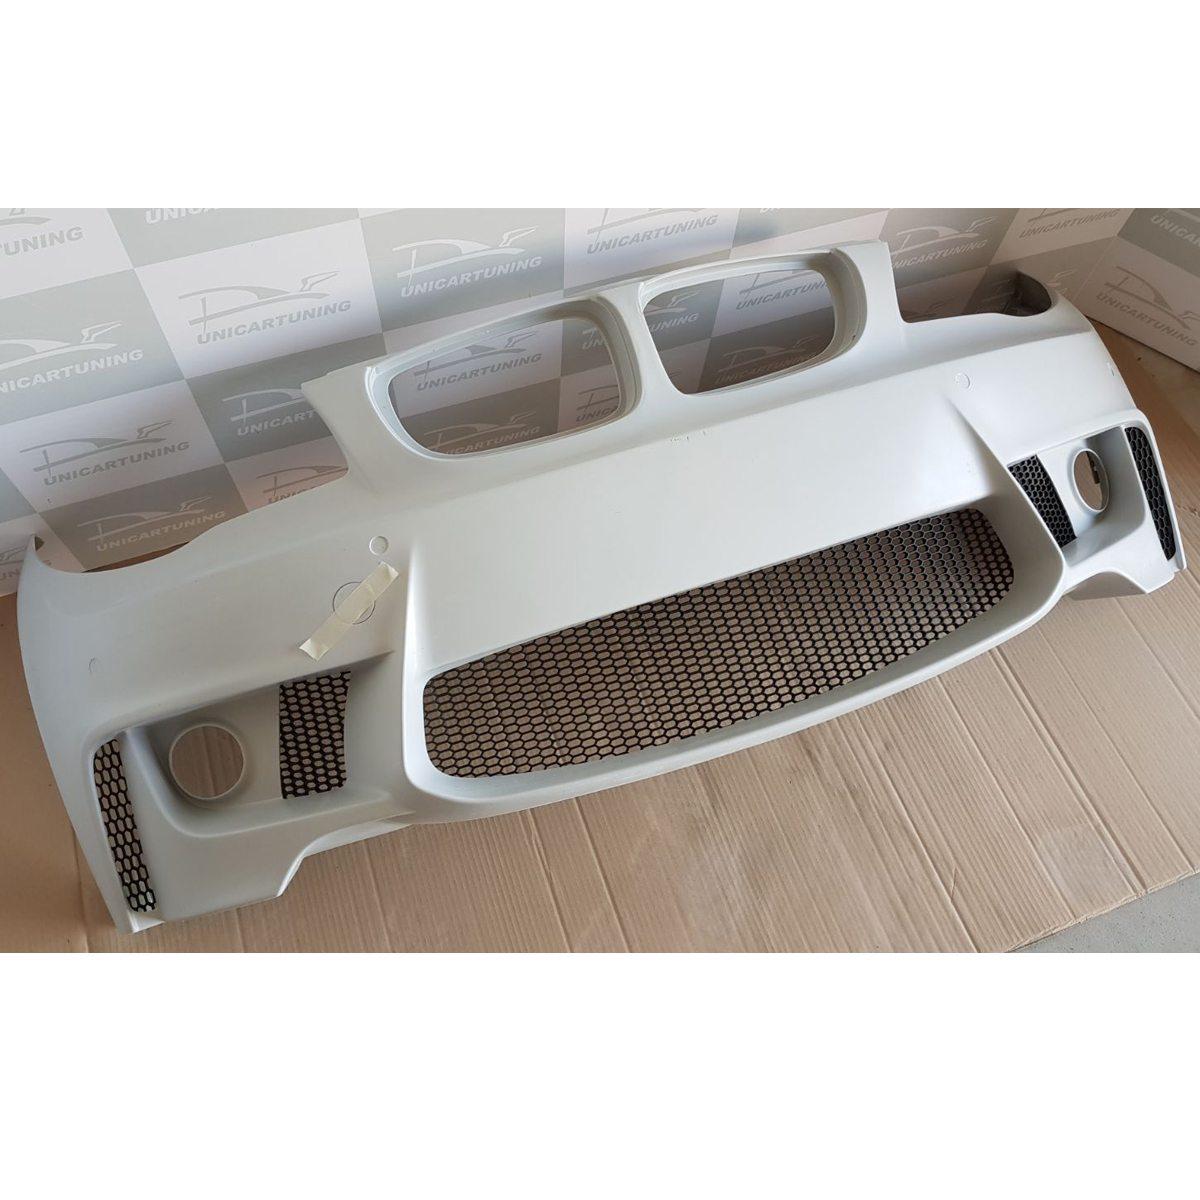 BMW-Serie-1-Para-choques-Frente-Look-M1-c-sup-F.N.-11